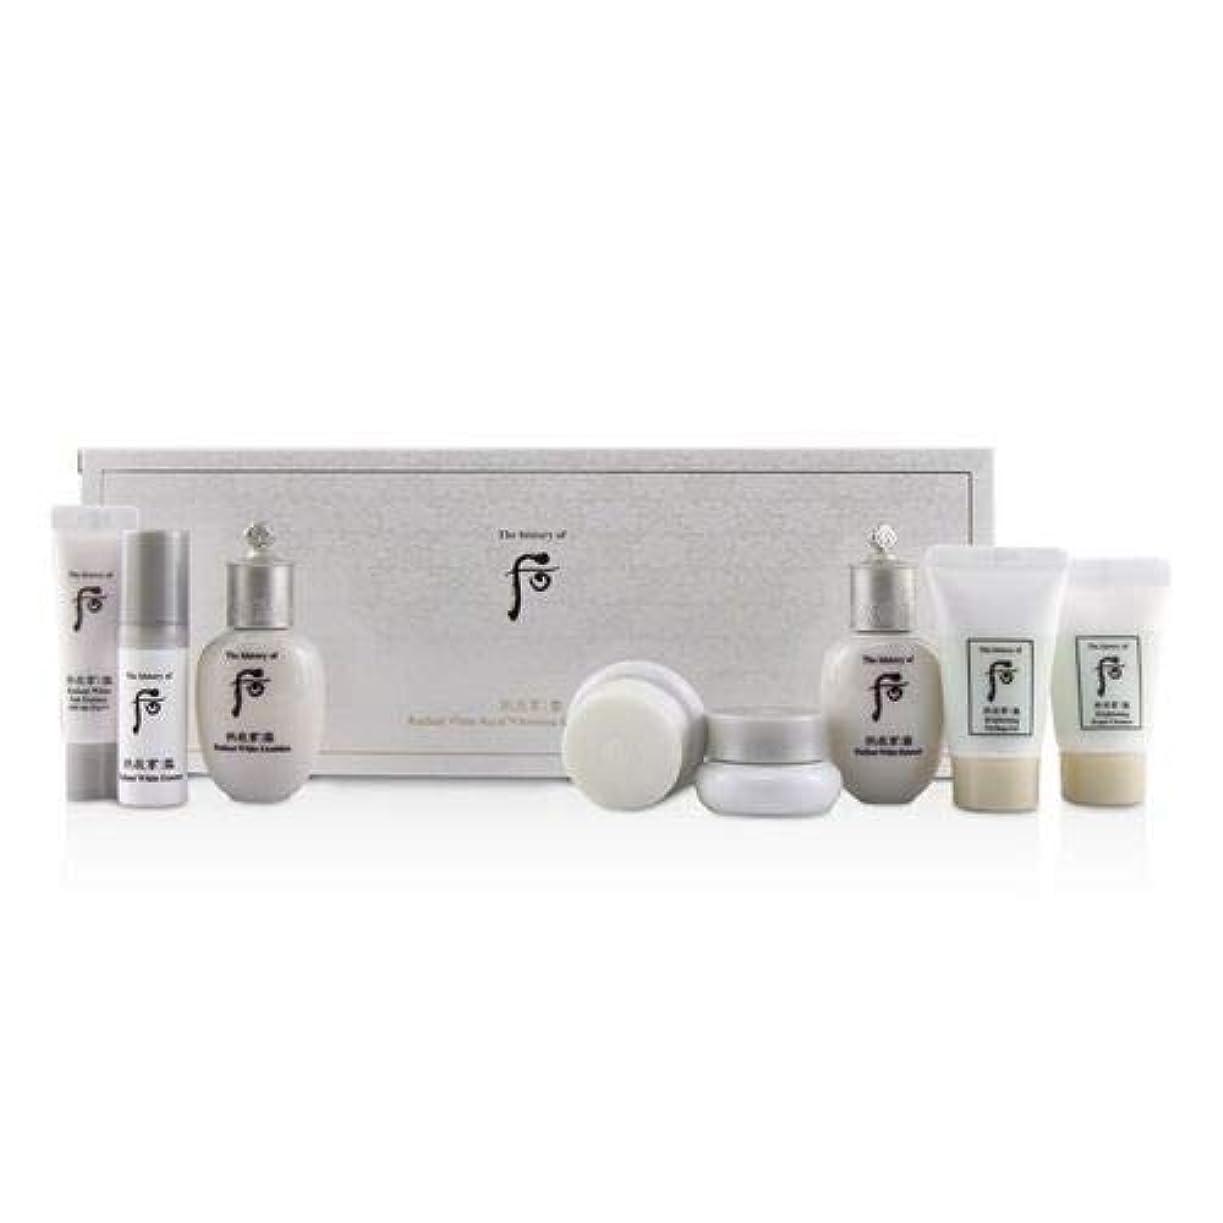 オーナメント新年ヘビ后 (The History Of 后) Gongjinhyang Seol Radiant Whitening 8 pcs Gift Set: Balancer 20ml + Emulsion 20ml + Essence...